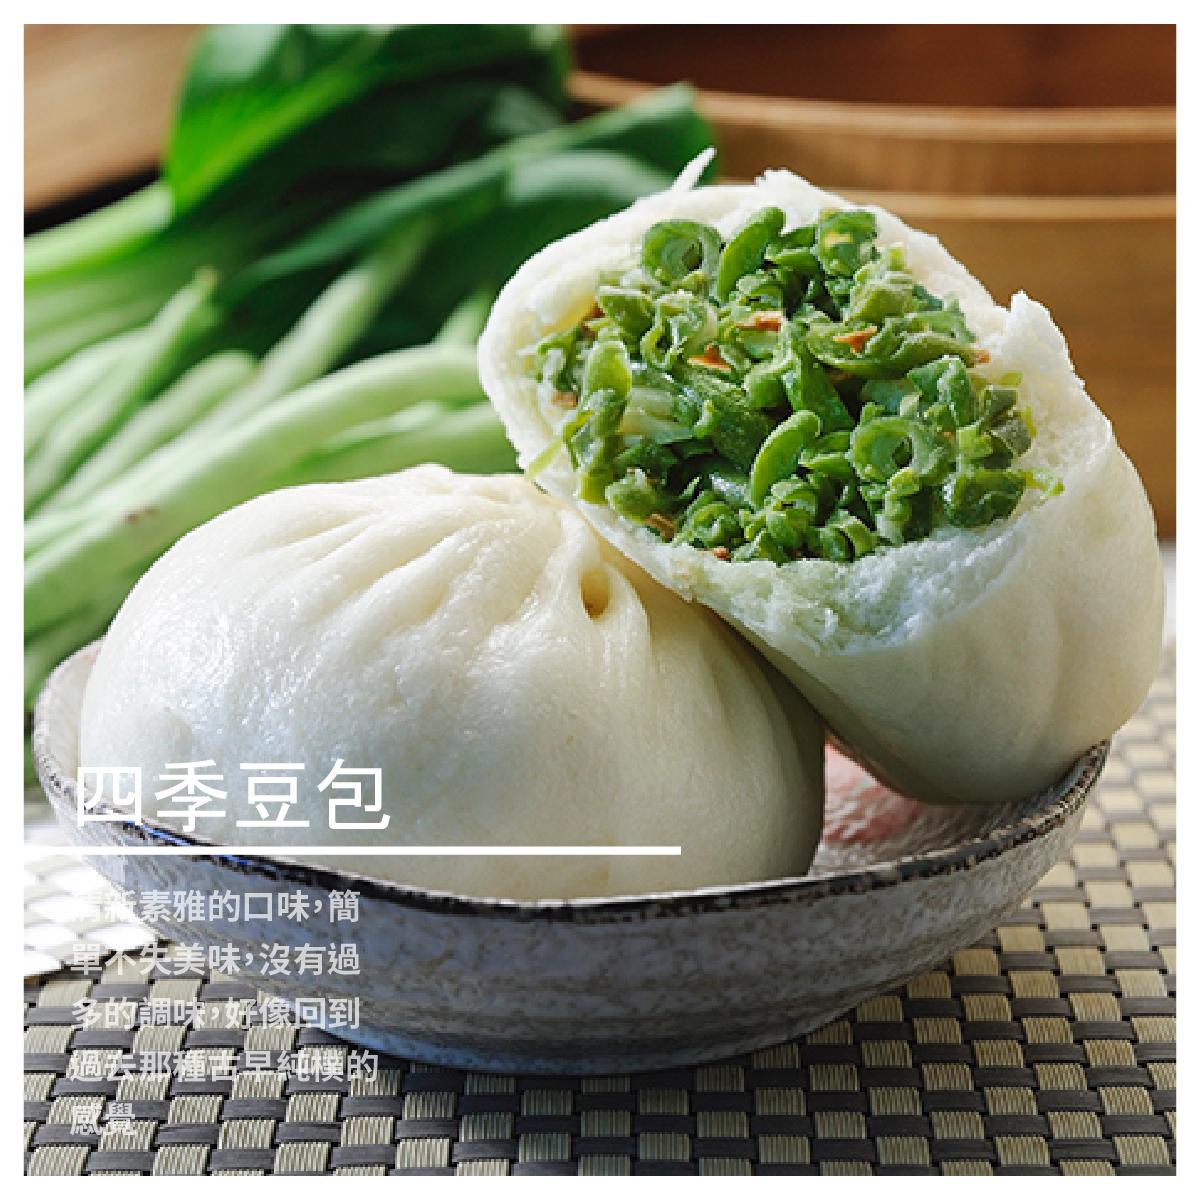 【雪裏紅素食點心】四季豆包/5顆入